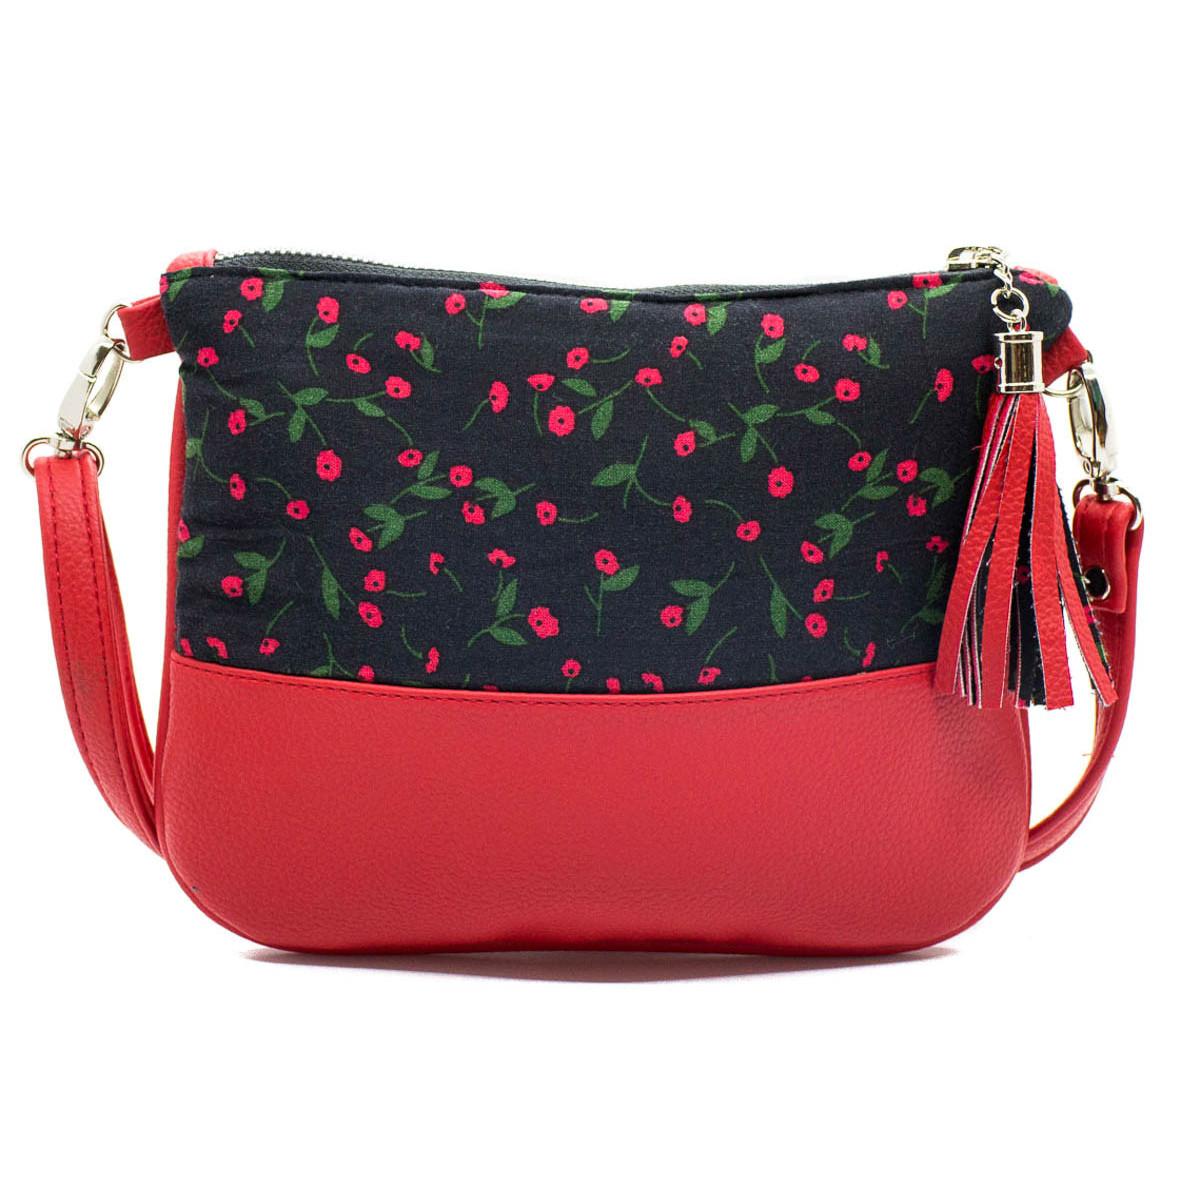 Sac à main pochette femme rouge fraise et noir